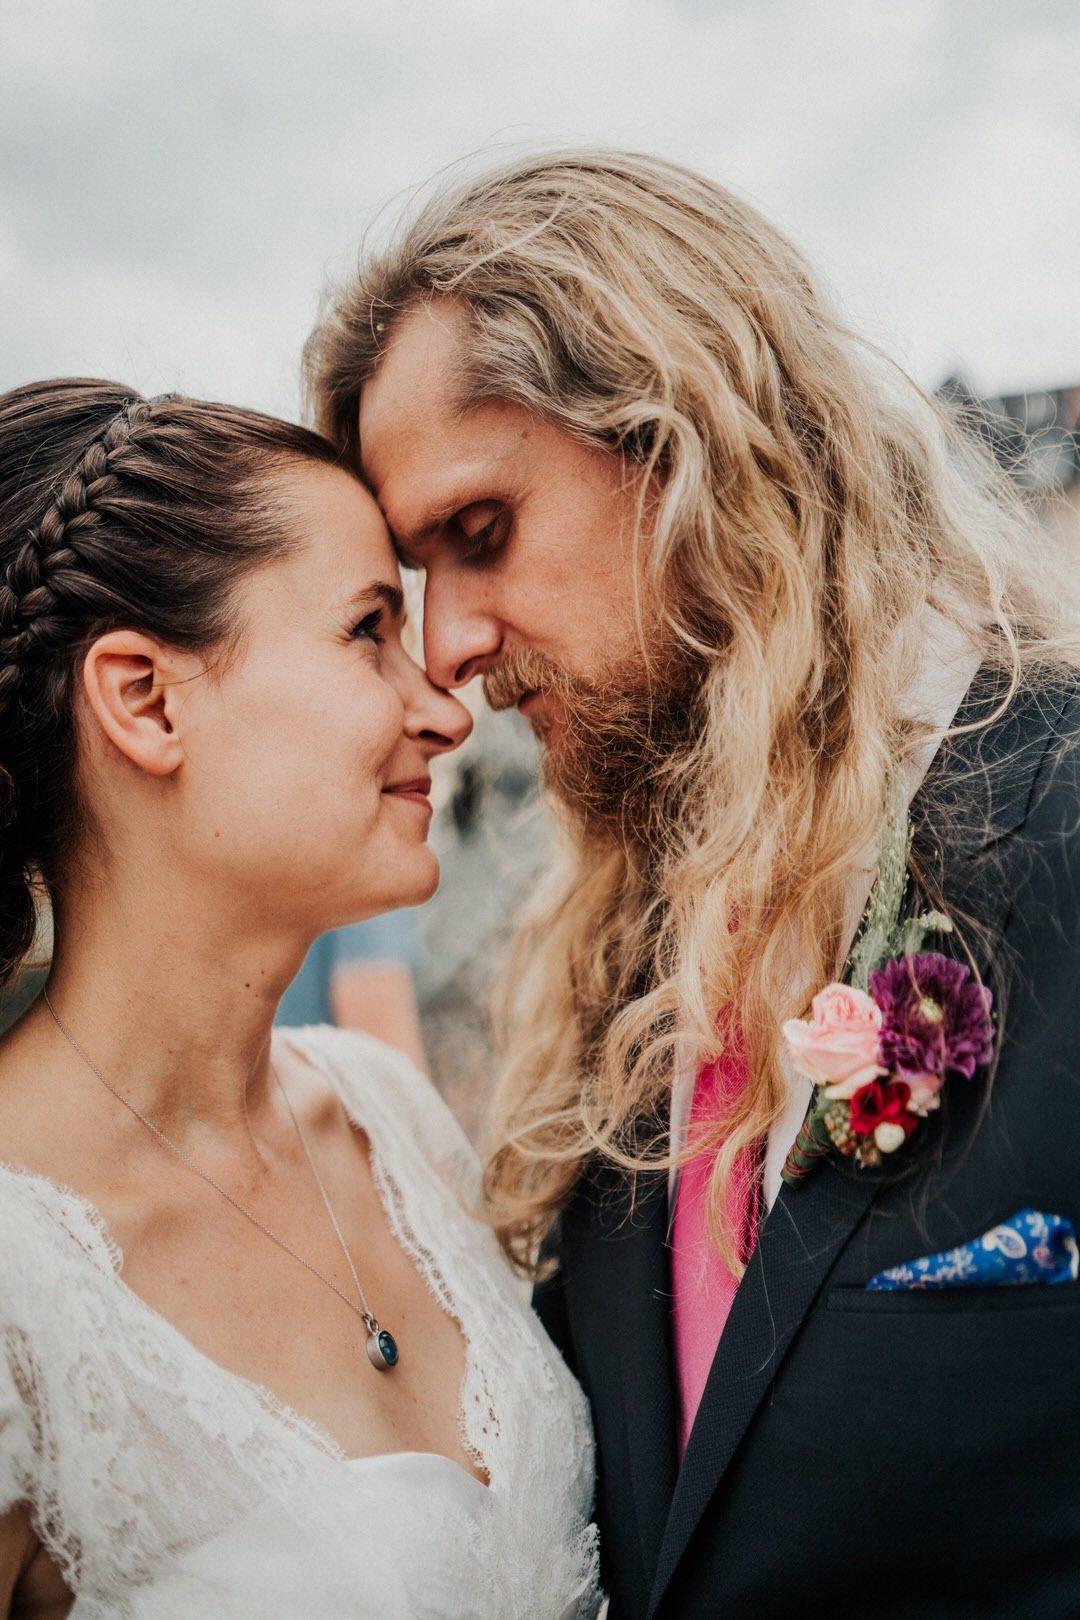 Emotionale Momente beim Hochzeits-Paarshooting auf dem Eisernen Steg, Frankfurt